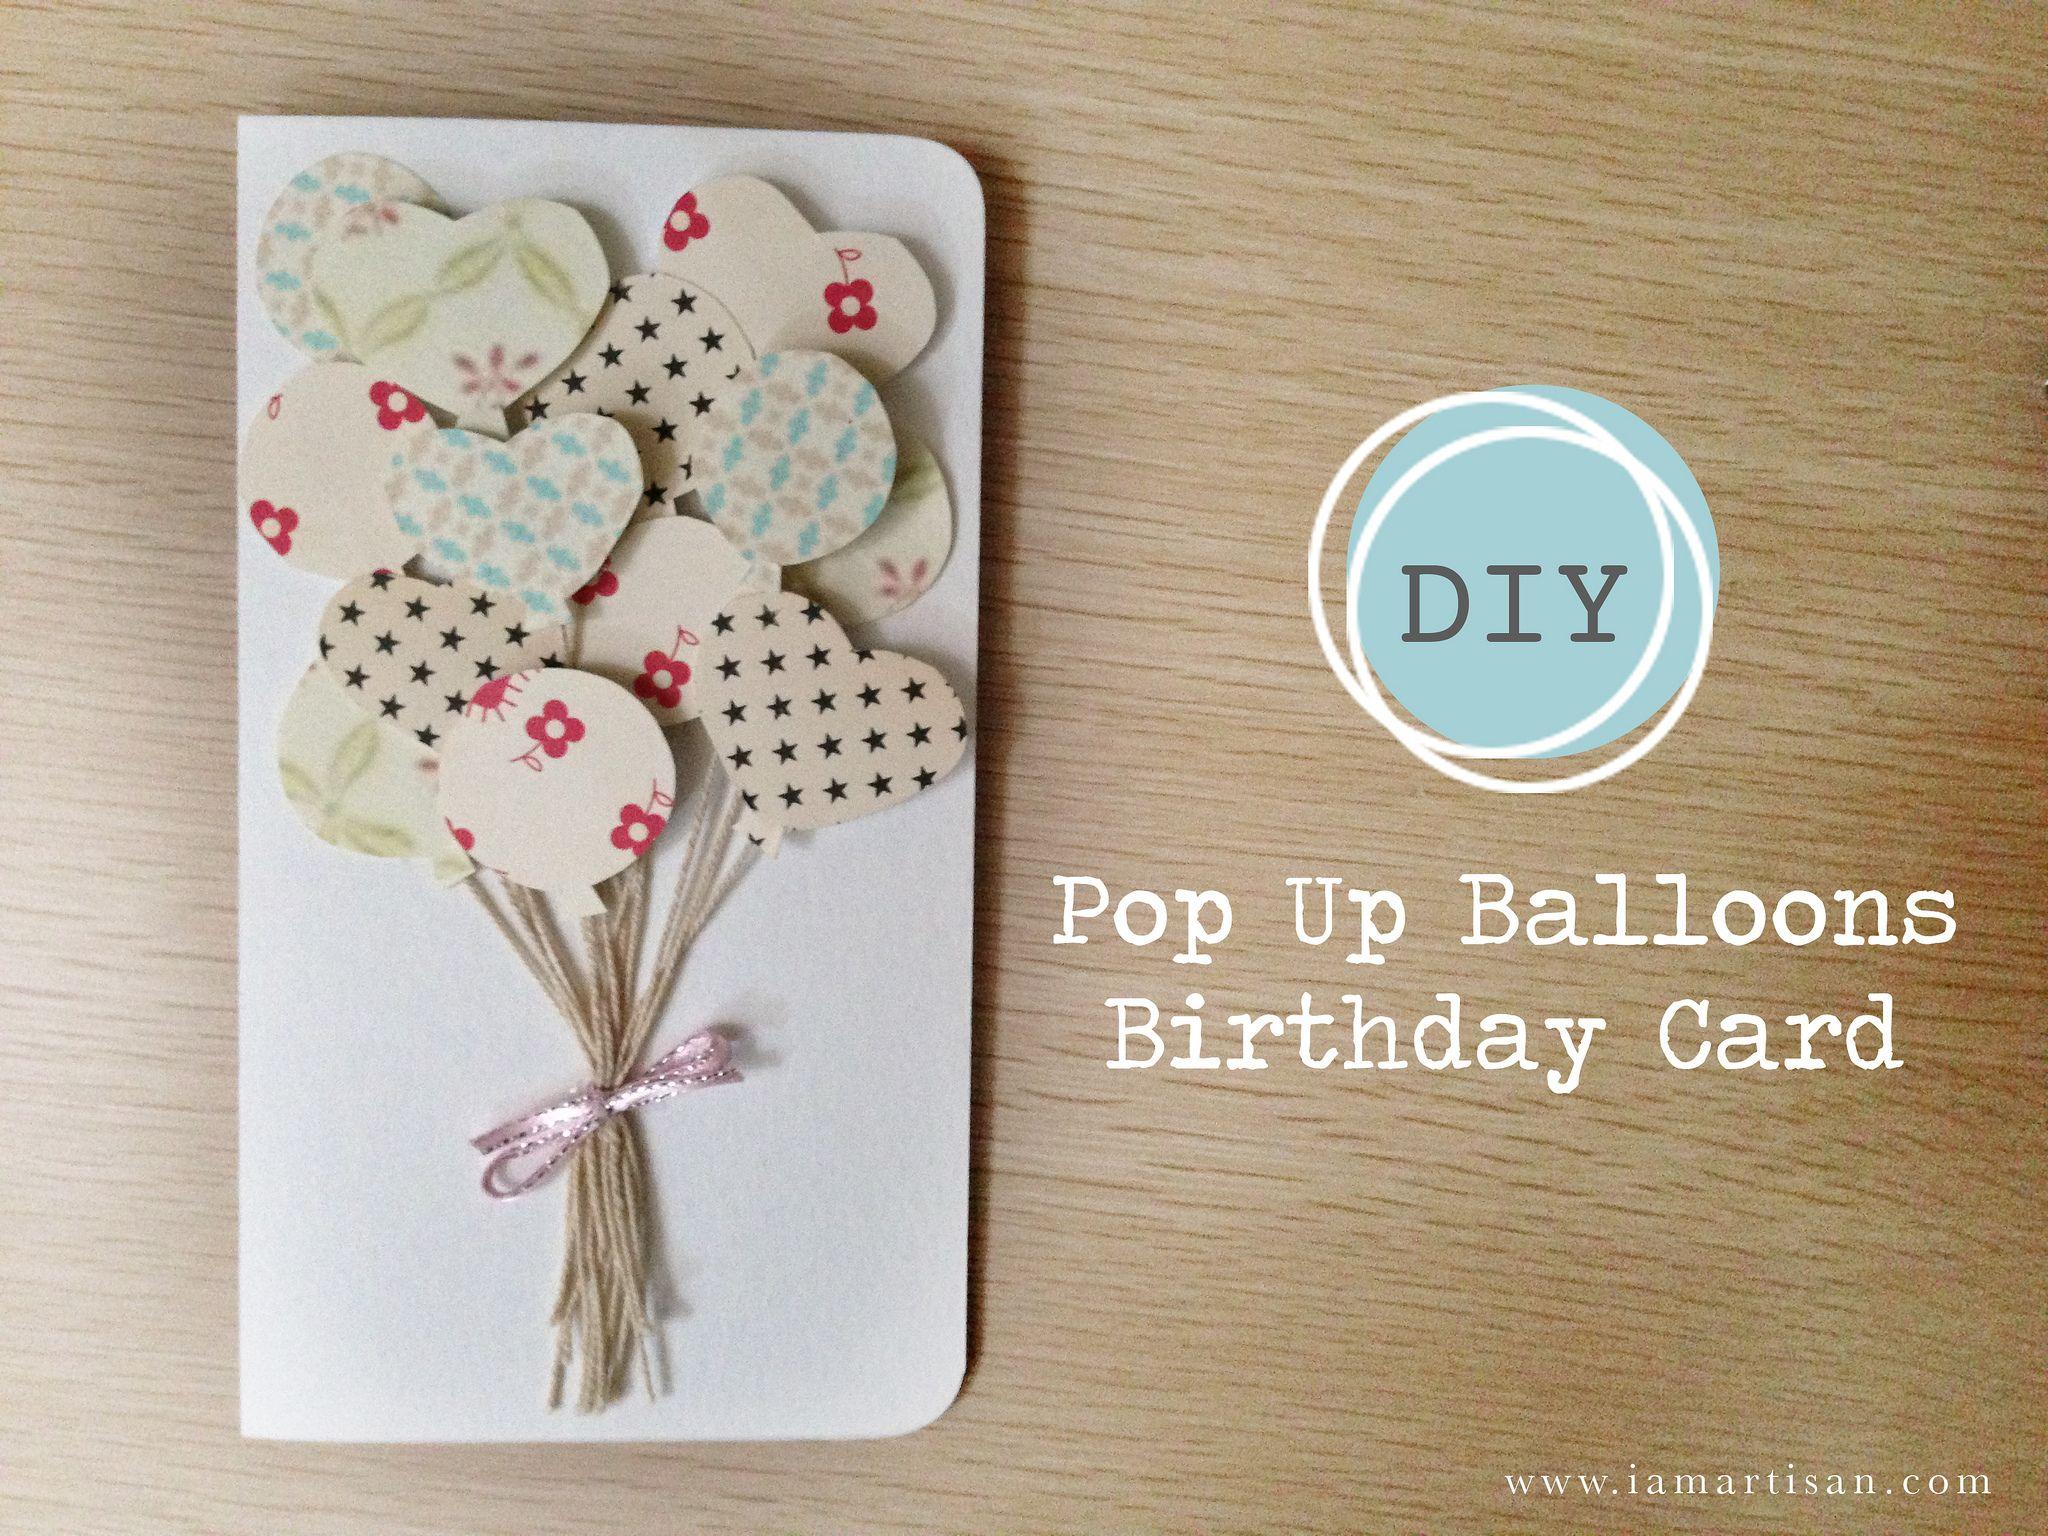 ručně vyrobené přání k narozeninám Blíží se narozeniny vašeho blízkého a milovaného? Můžete mu poslat  ručně vyrobené přání k narozeninám